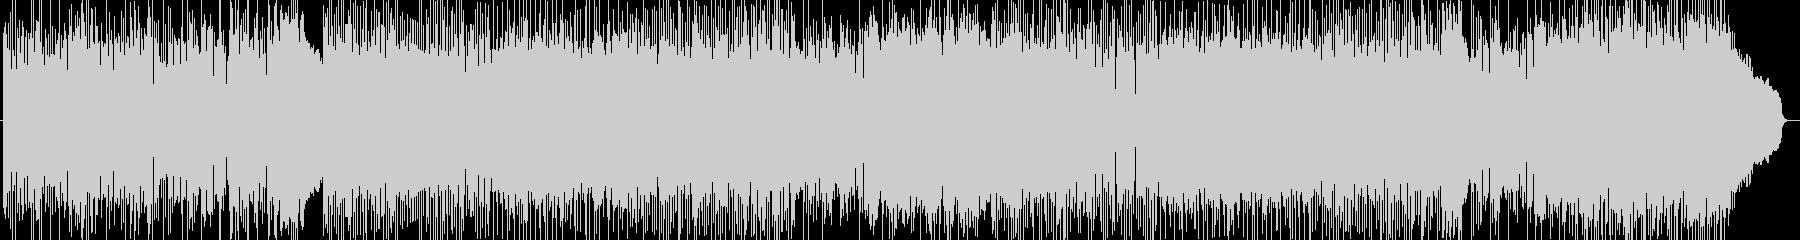 ダーク、ヘヴィメタル系の曲 BGM207の未再生の波形